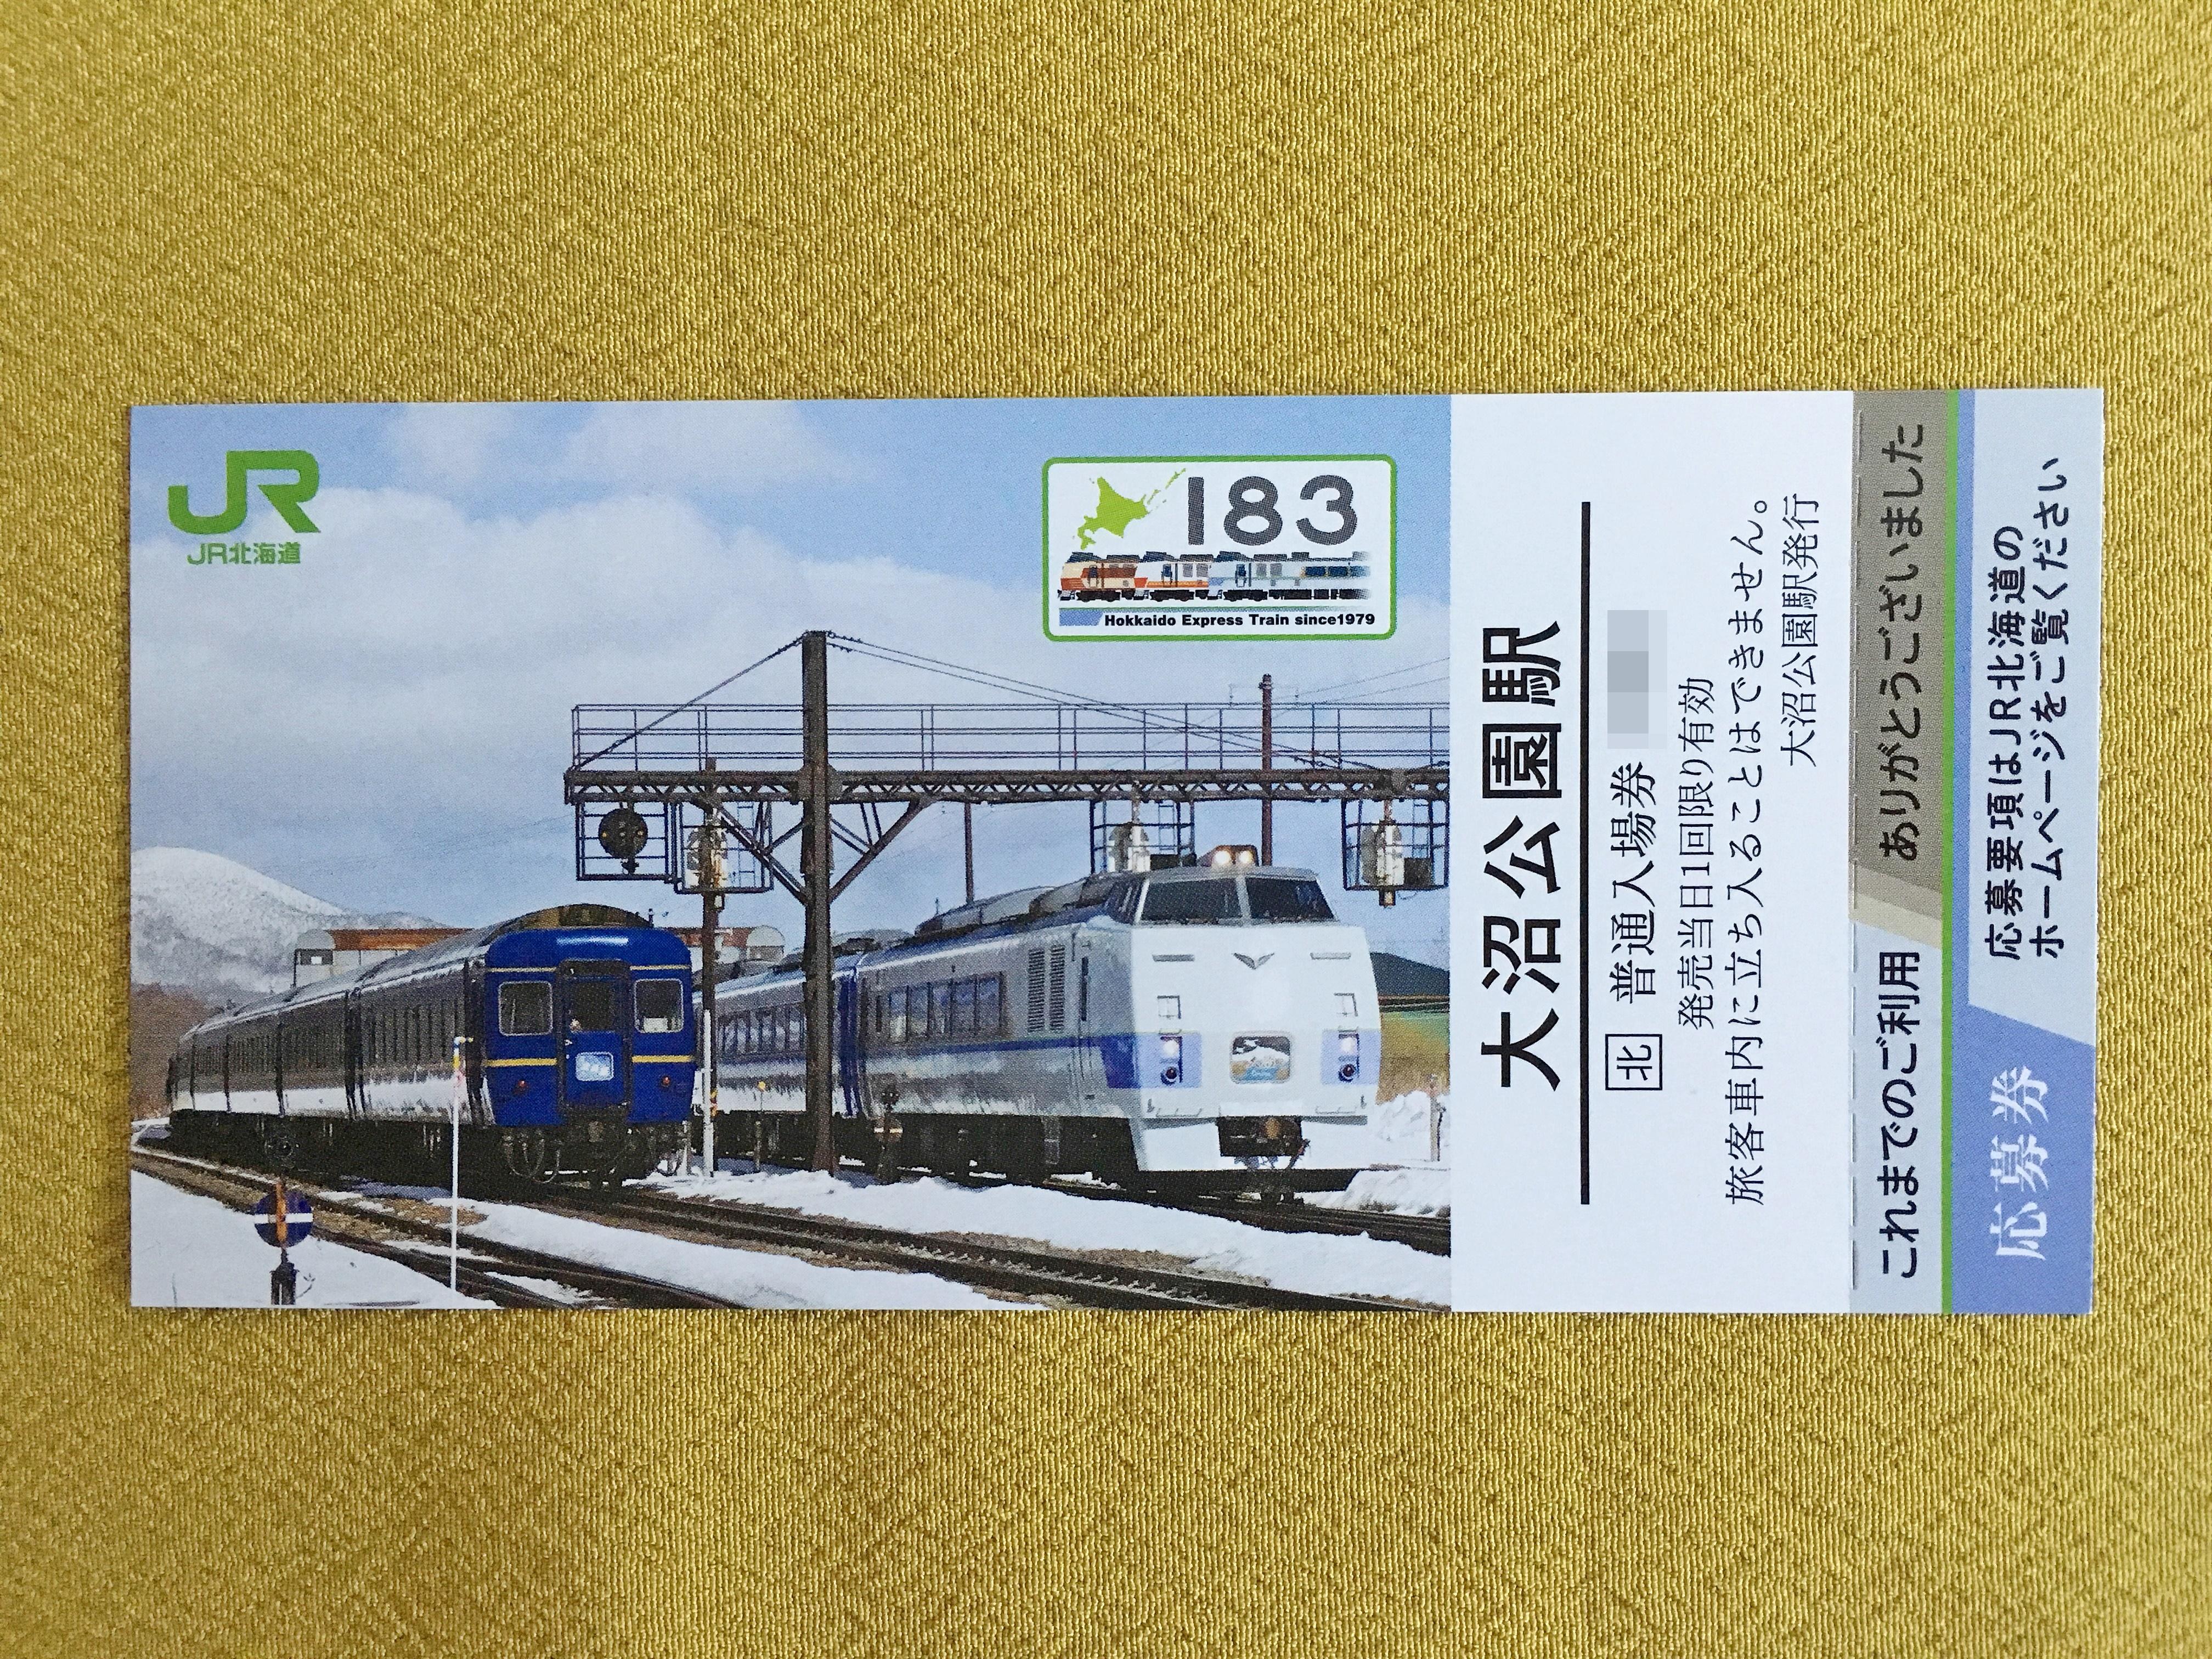 キハ183-0系記念入場券 大沼公園駅 表.JPG